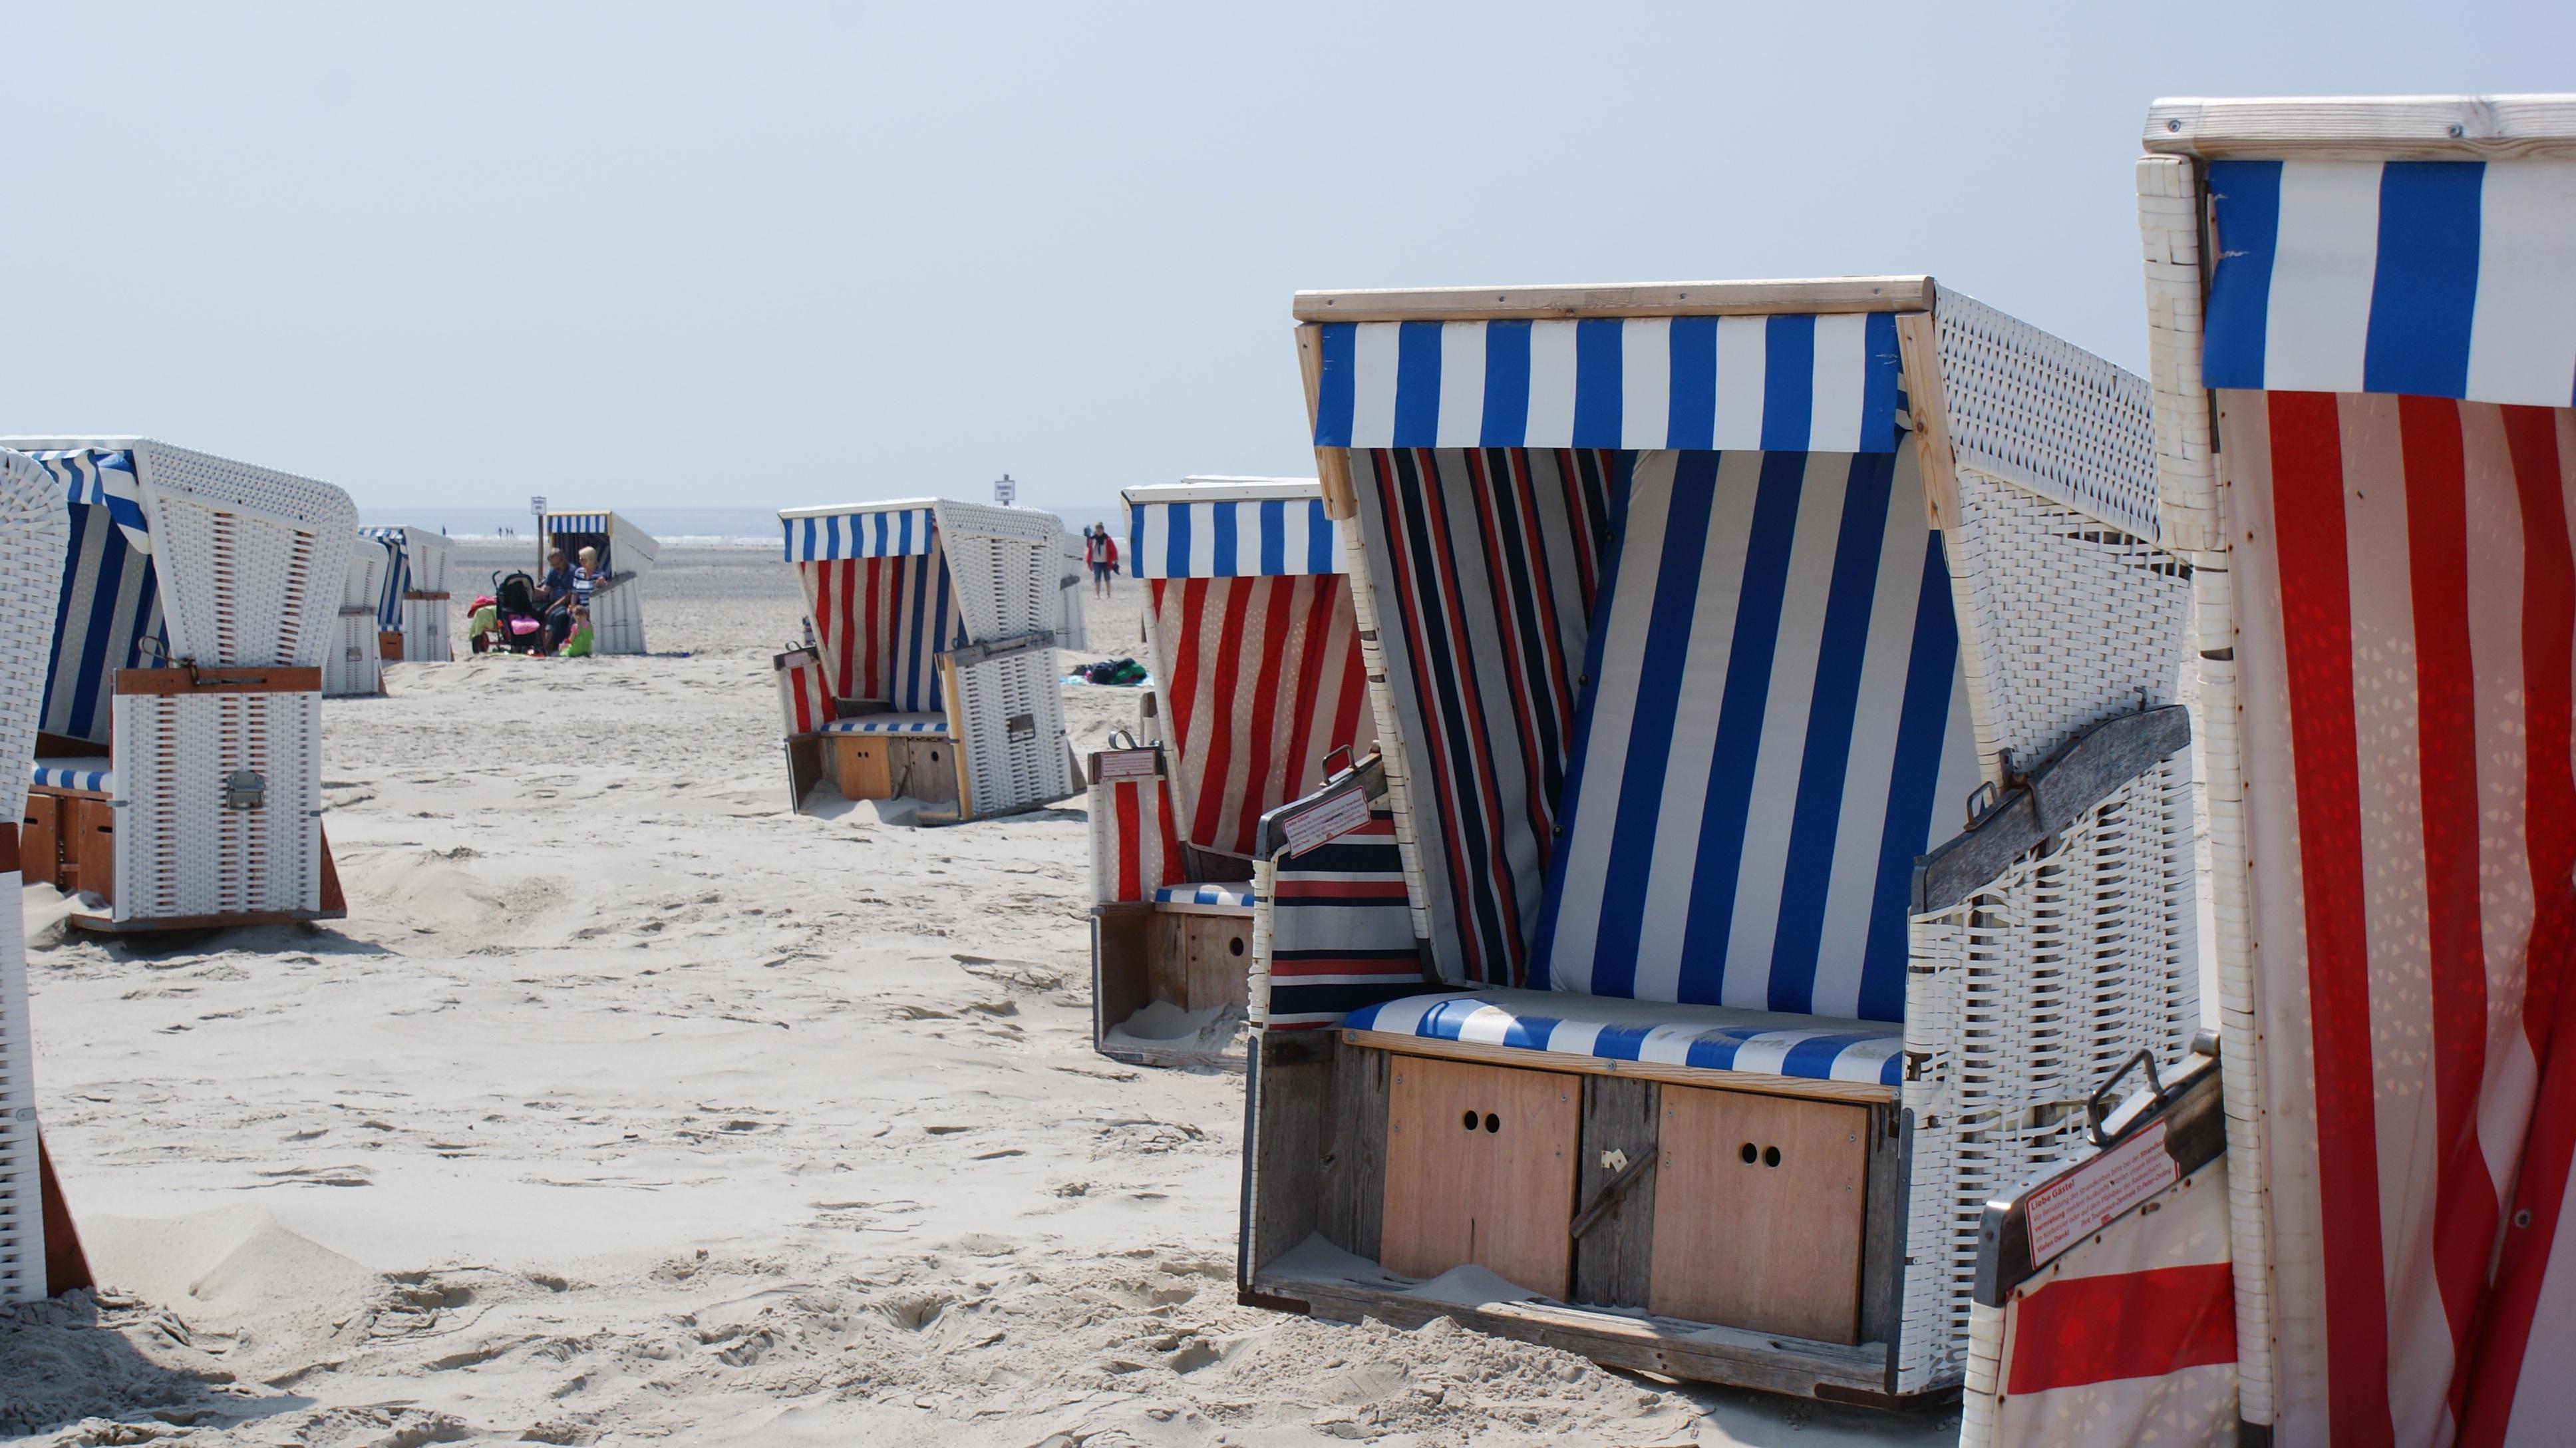 пляжные кабины на море - 8